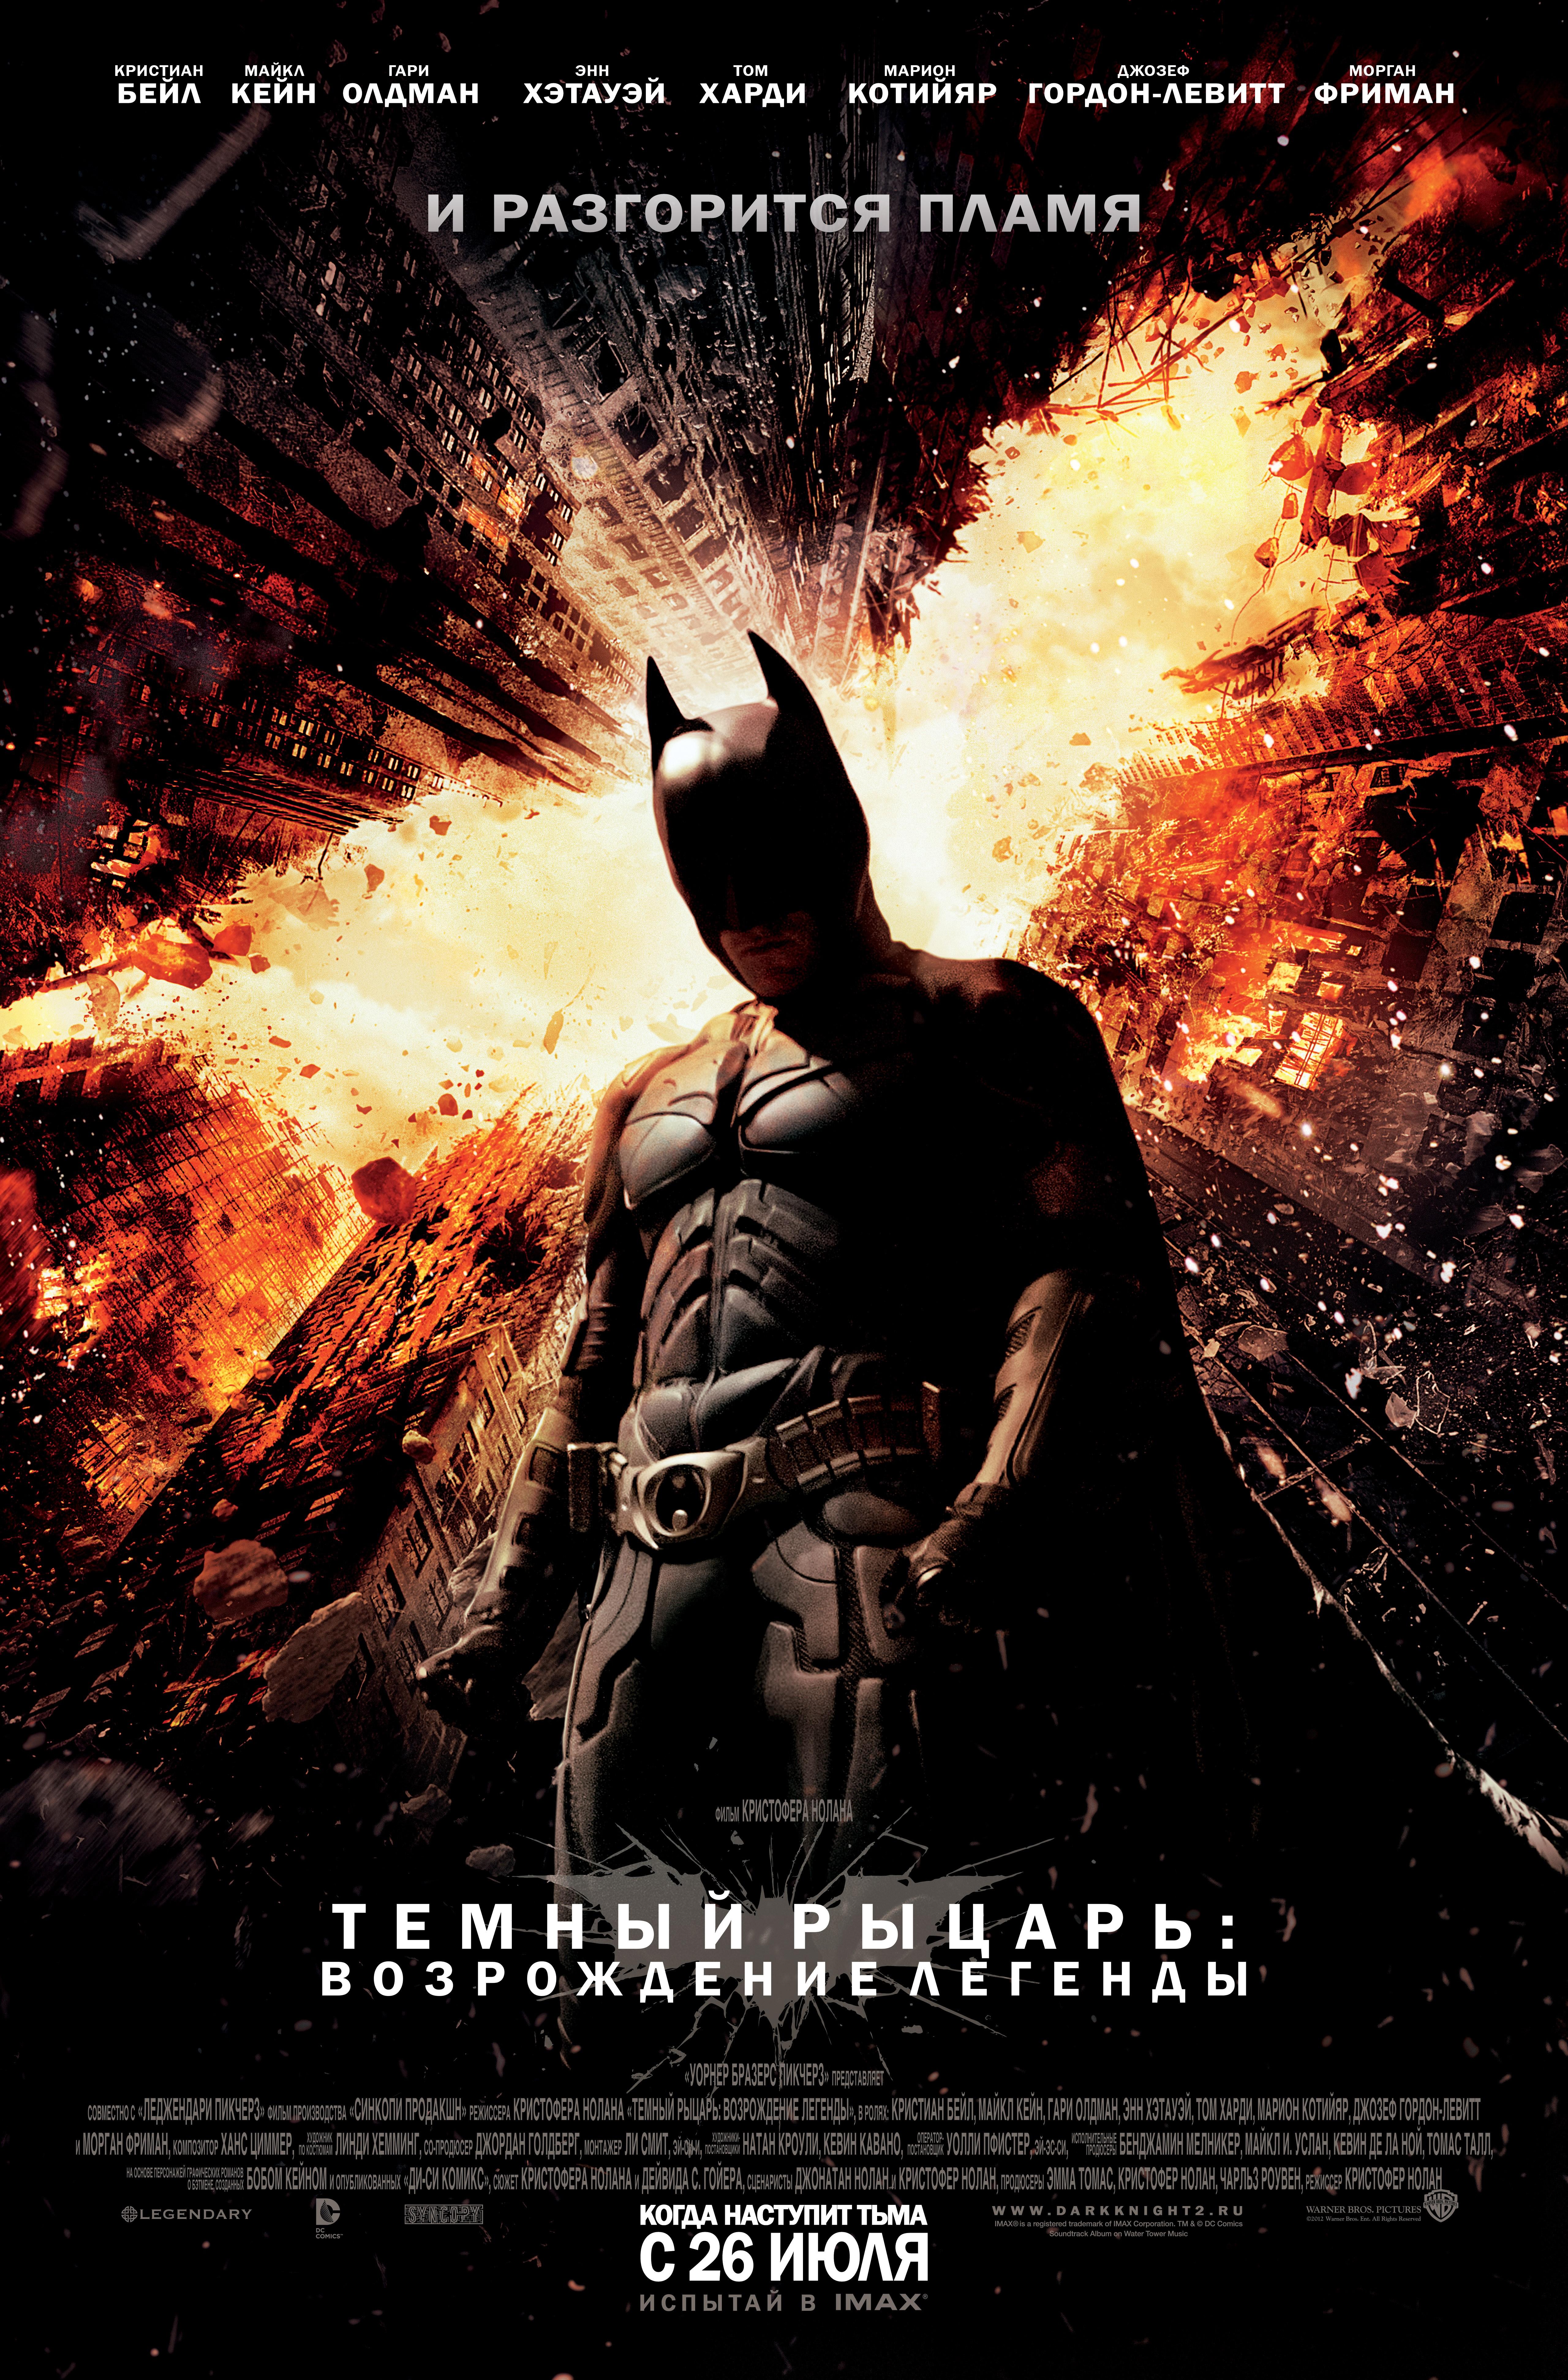 плакат фильма постер локализованные Темный рыцарь: Возрождение легенды